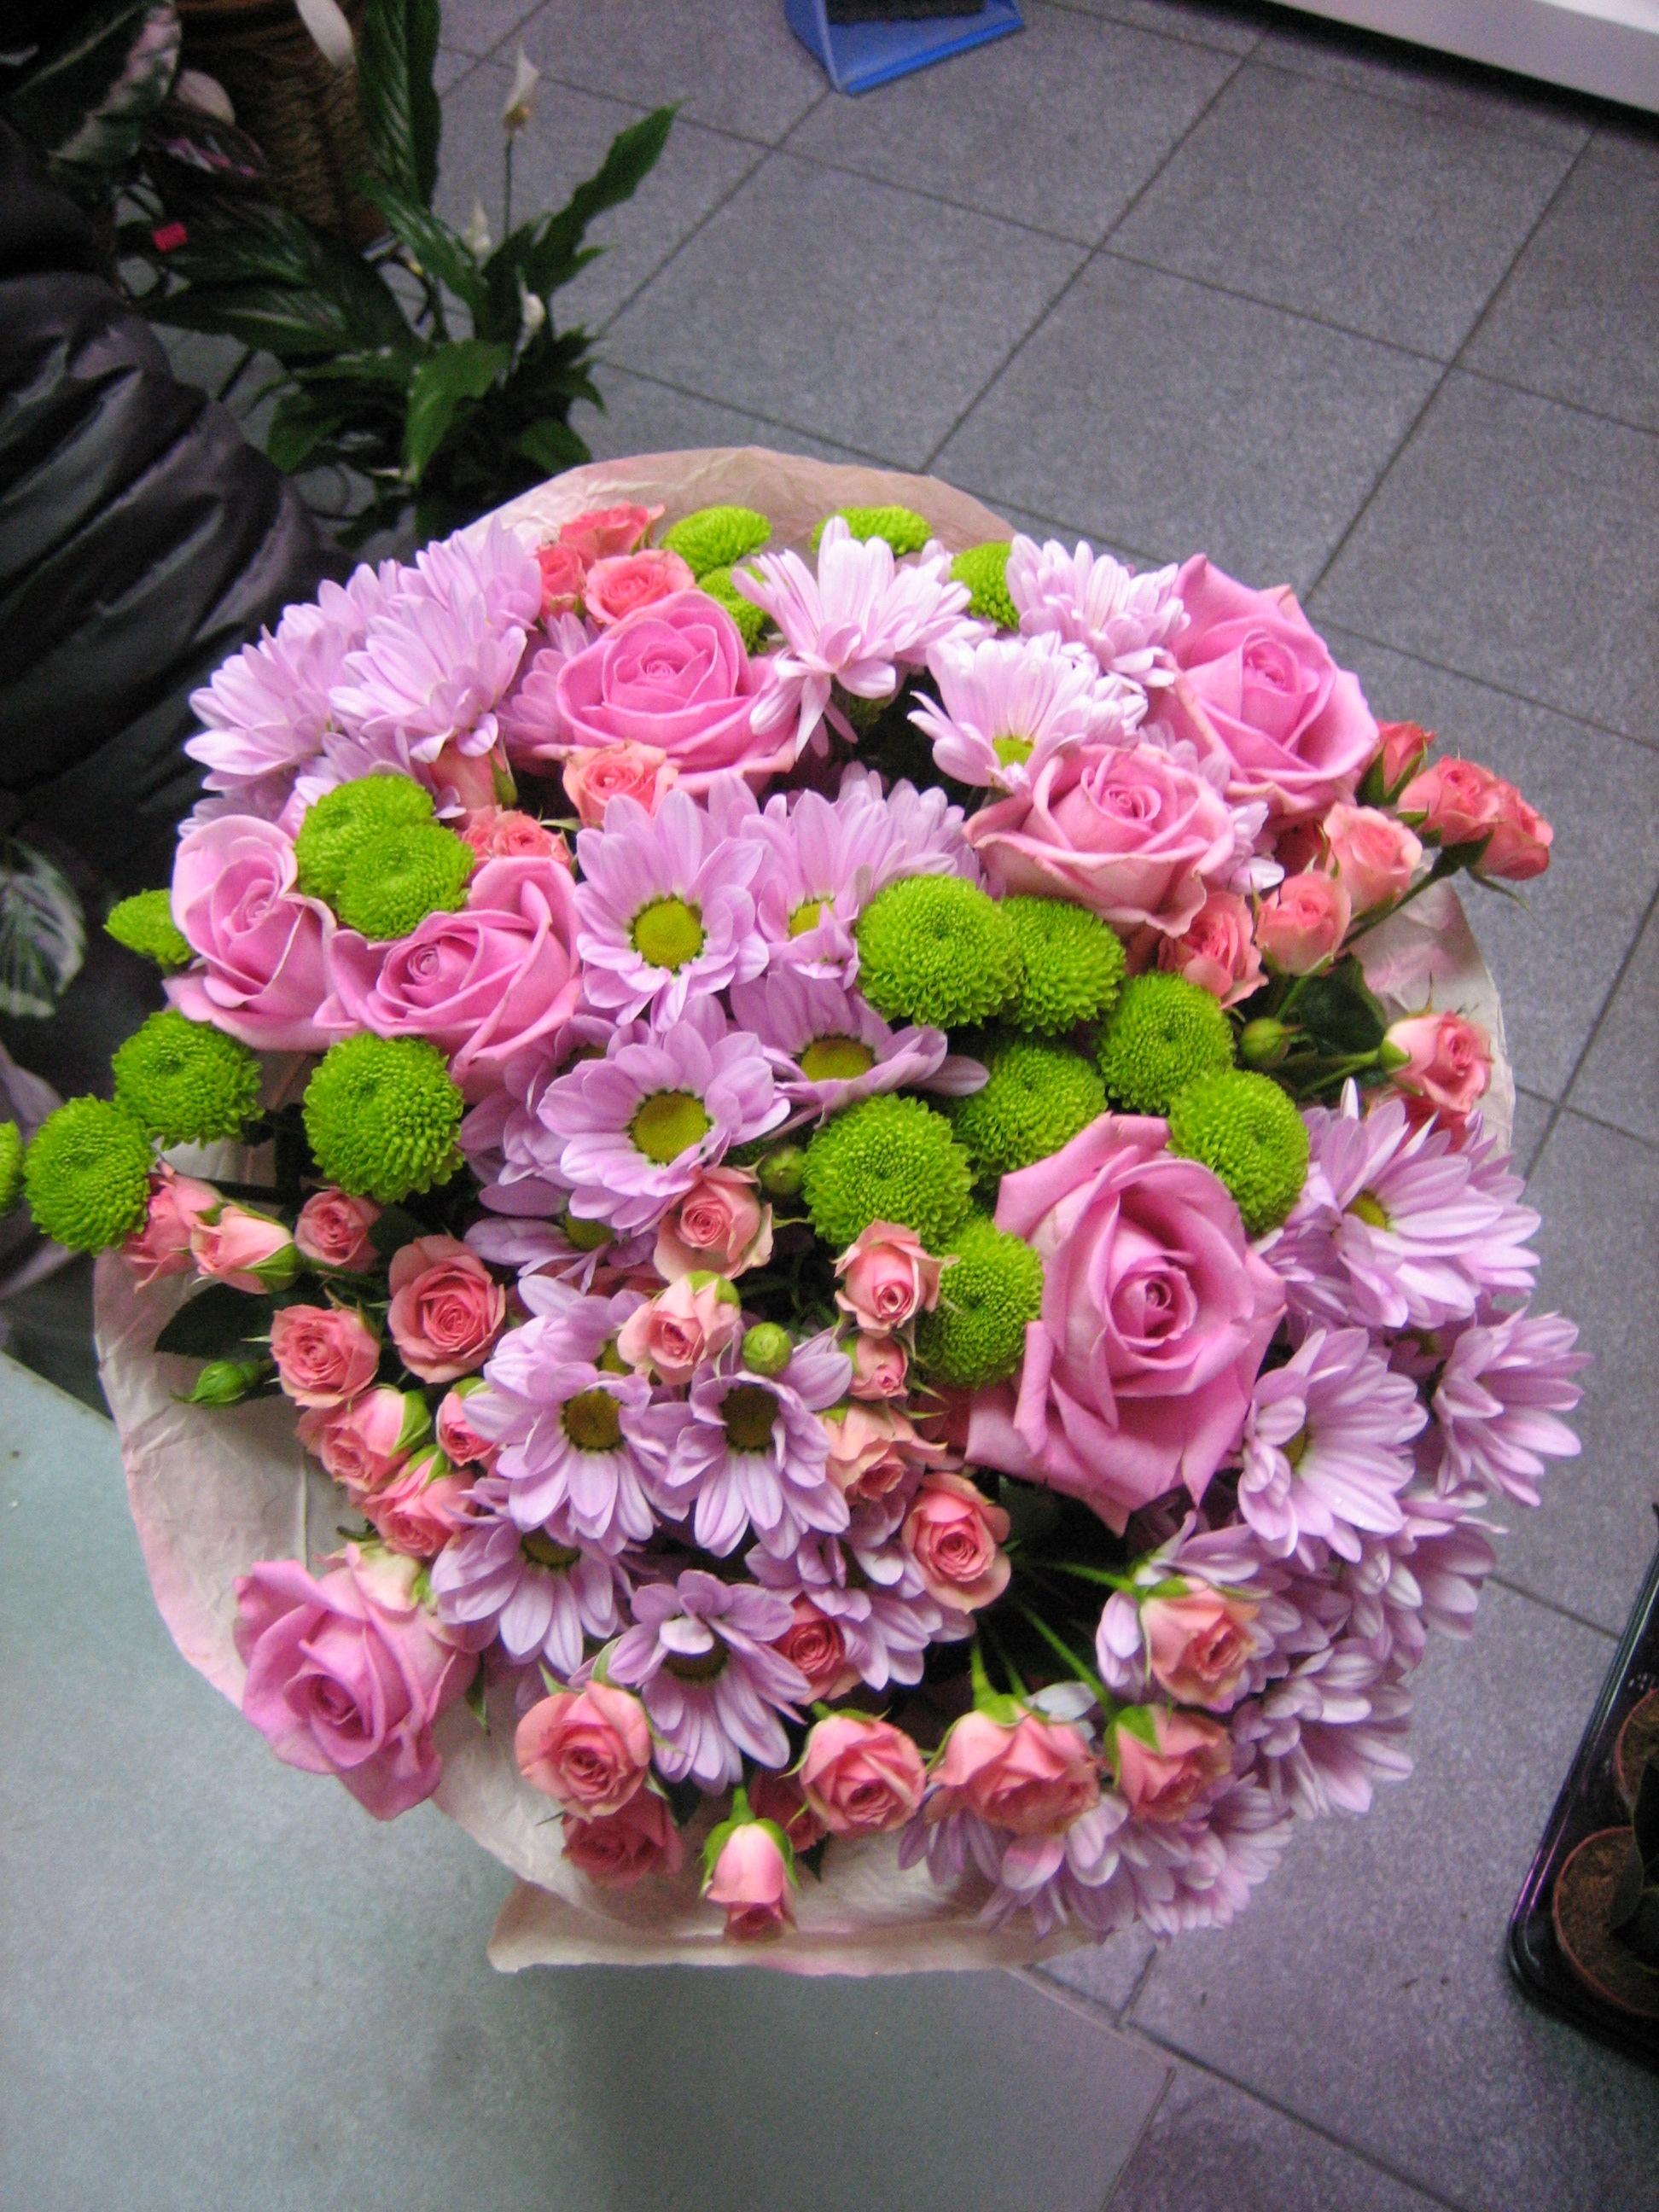 Картинка по теме: А какие ваши любимые цветы?